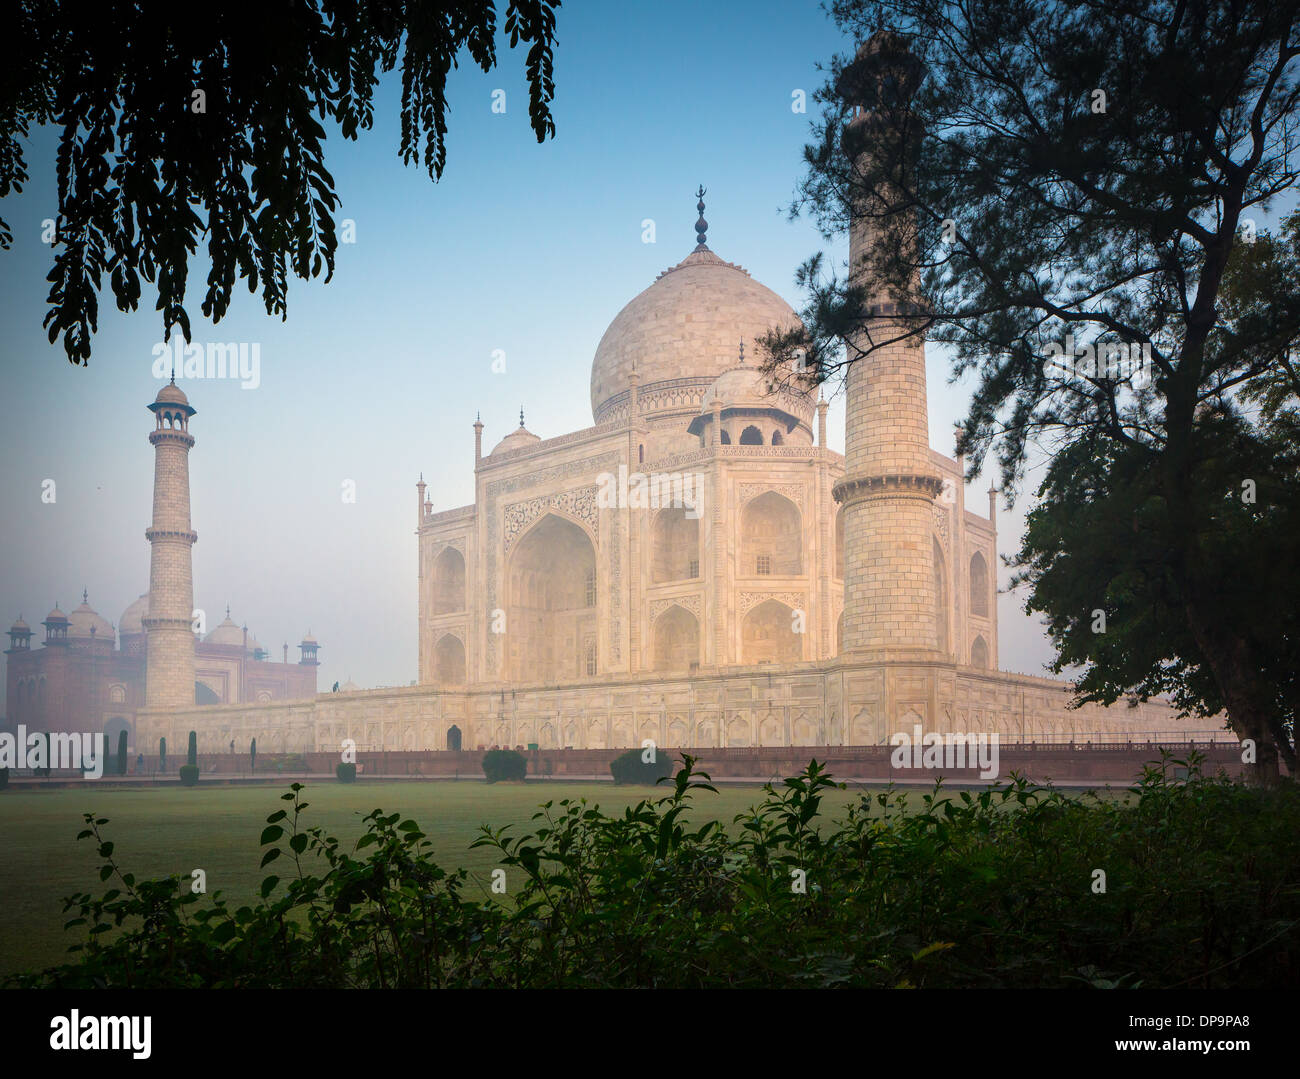 El Taj Mahal es un mausoleo de mármol blanco situado en Agra, Uttar Pradesh, India Imagen De Stock